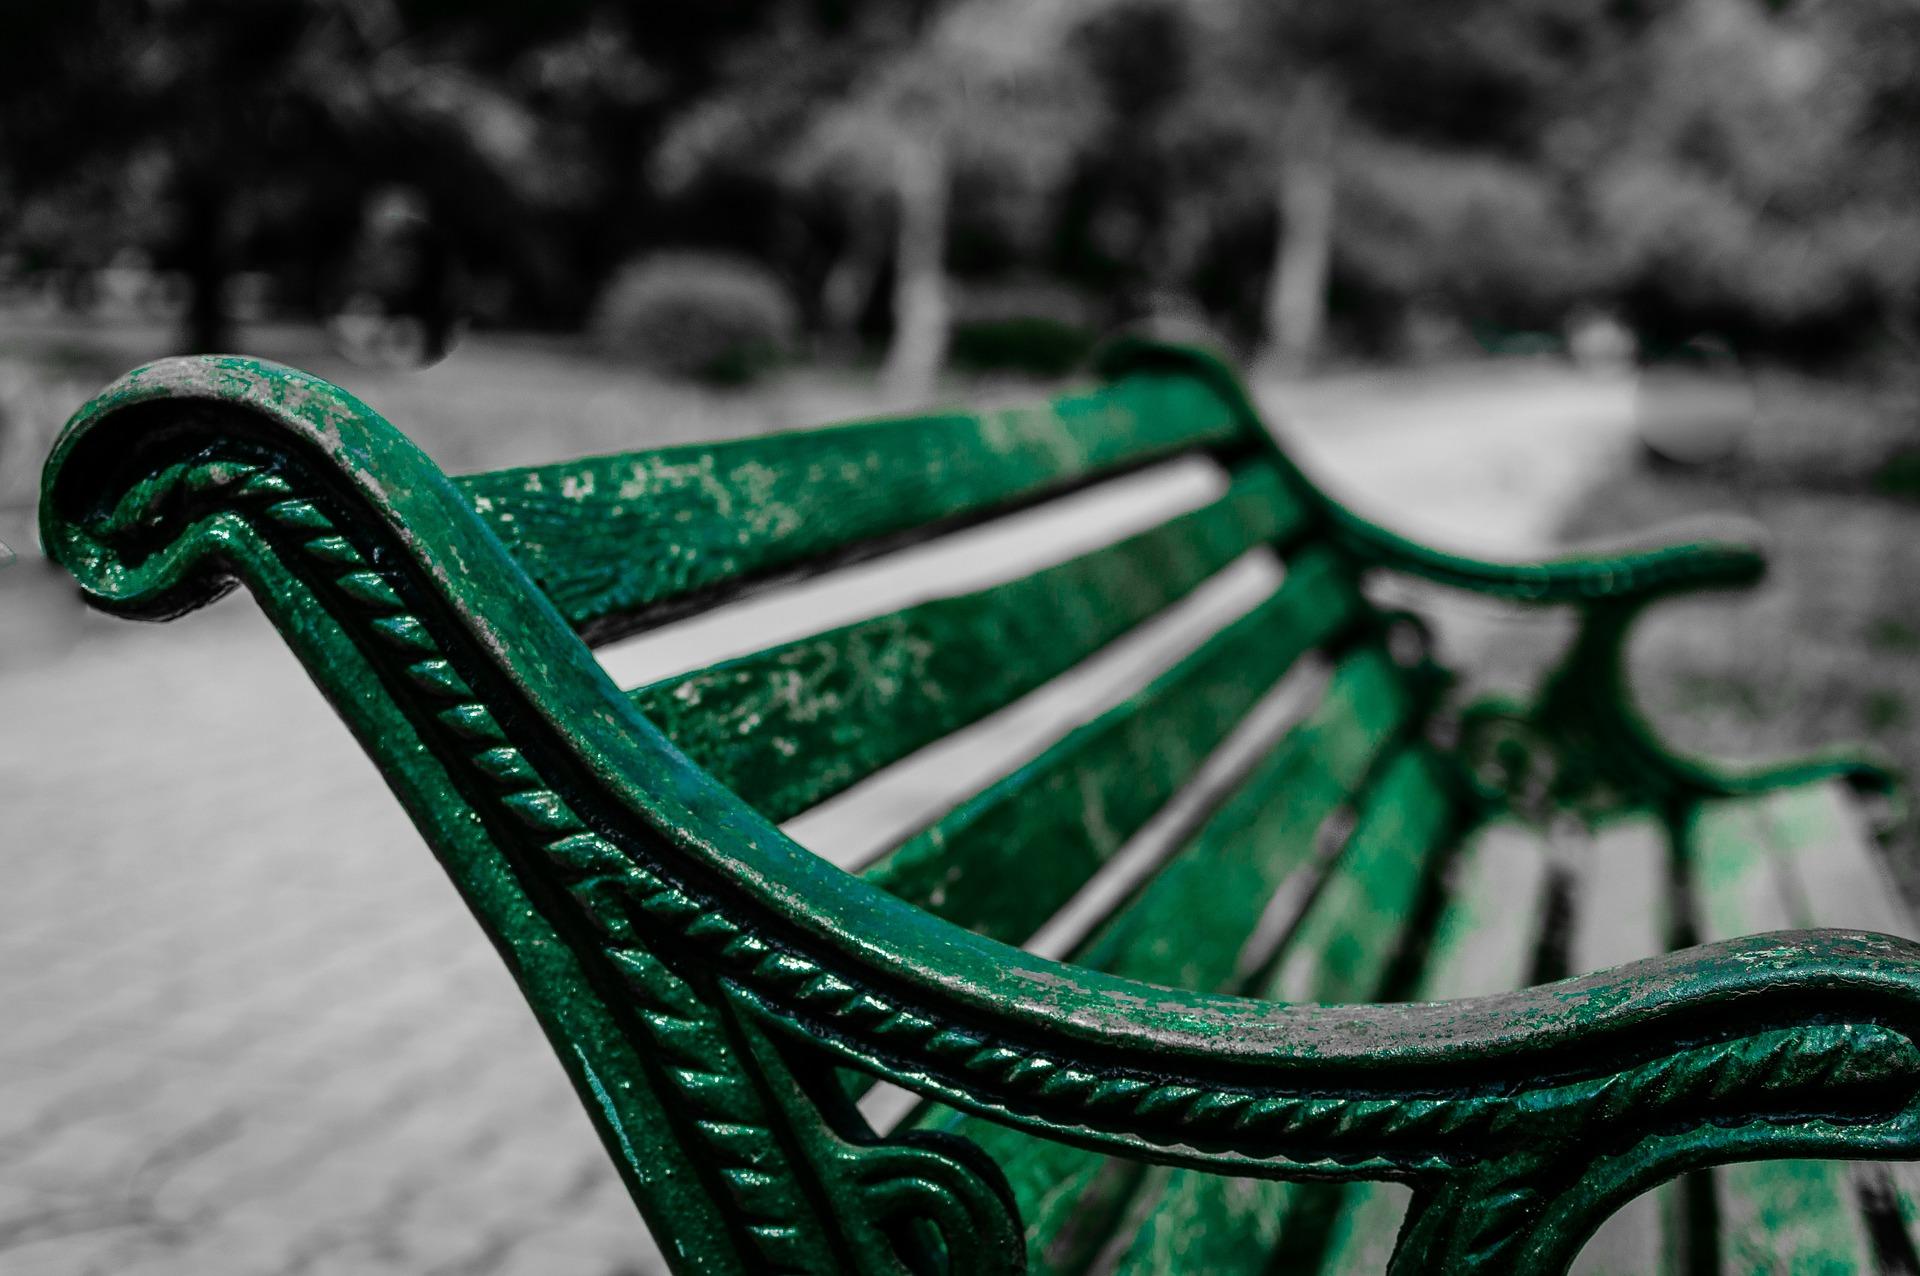 बैंक, पार्क, सीट, बाकी, प्रशांति, आराम - HD वॉलपेपर - प्रोफेसर-falken.com